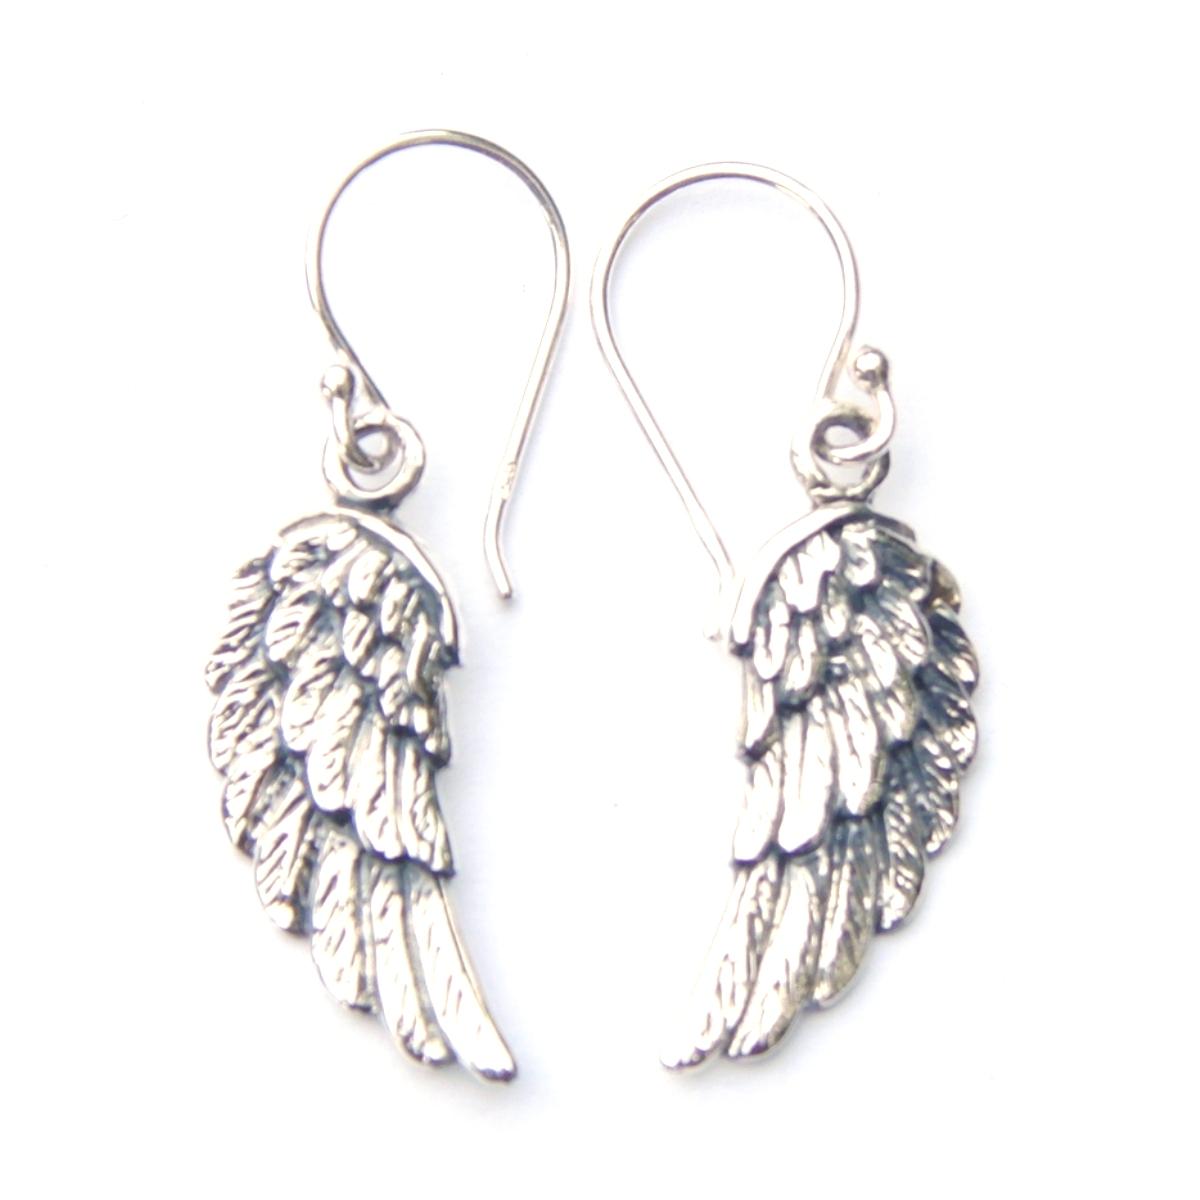 Beautiful Angel Wing Earrings